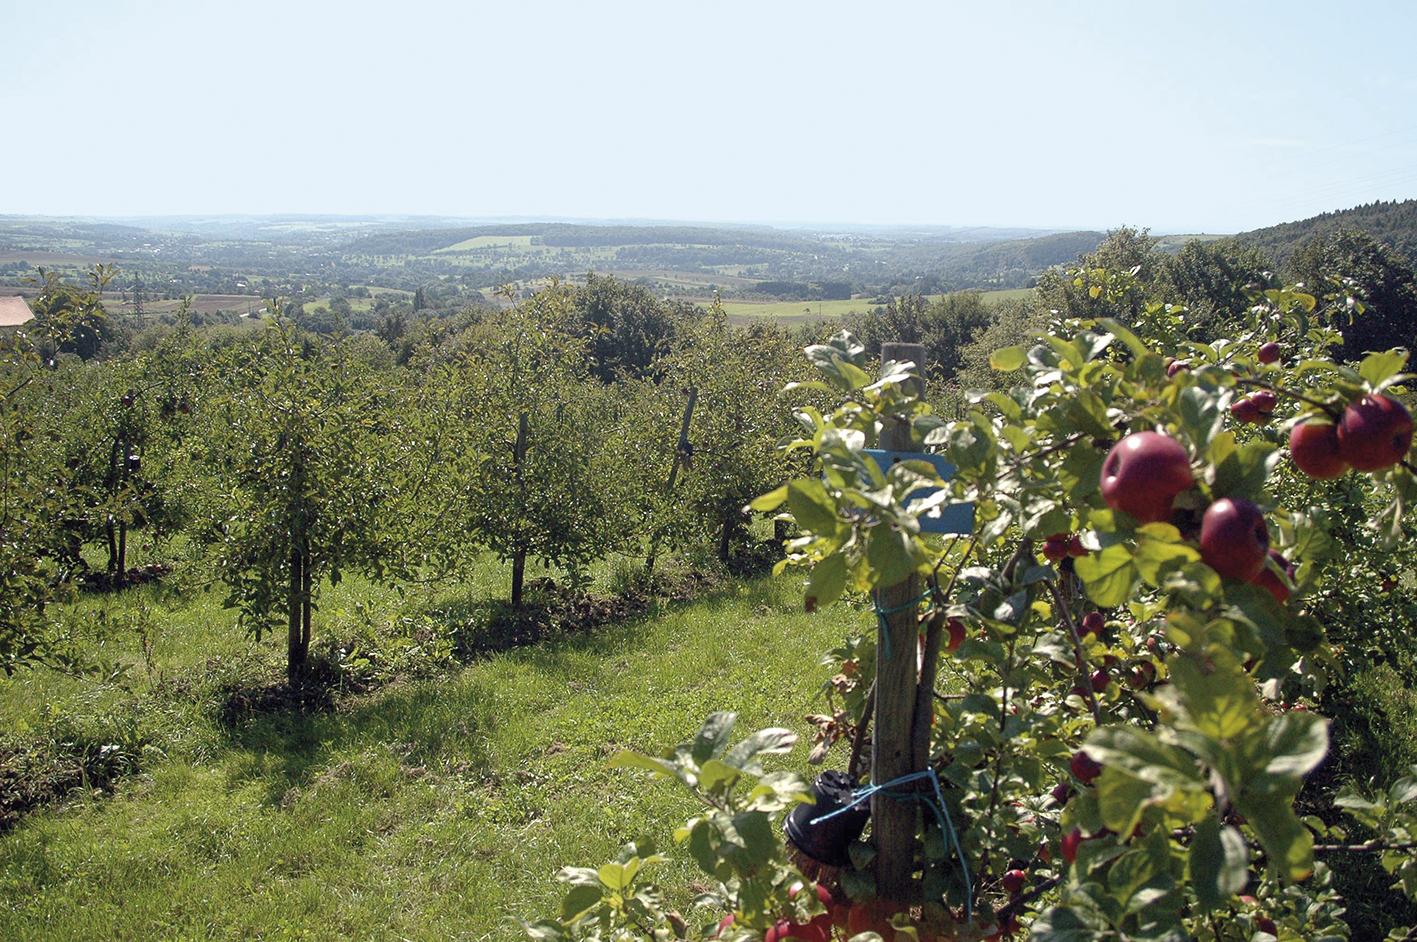 Aussicht vom Wintringer Hof, Äpfel